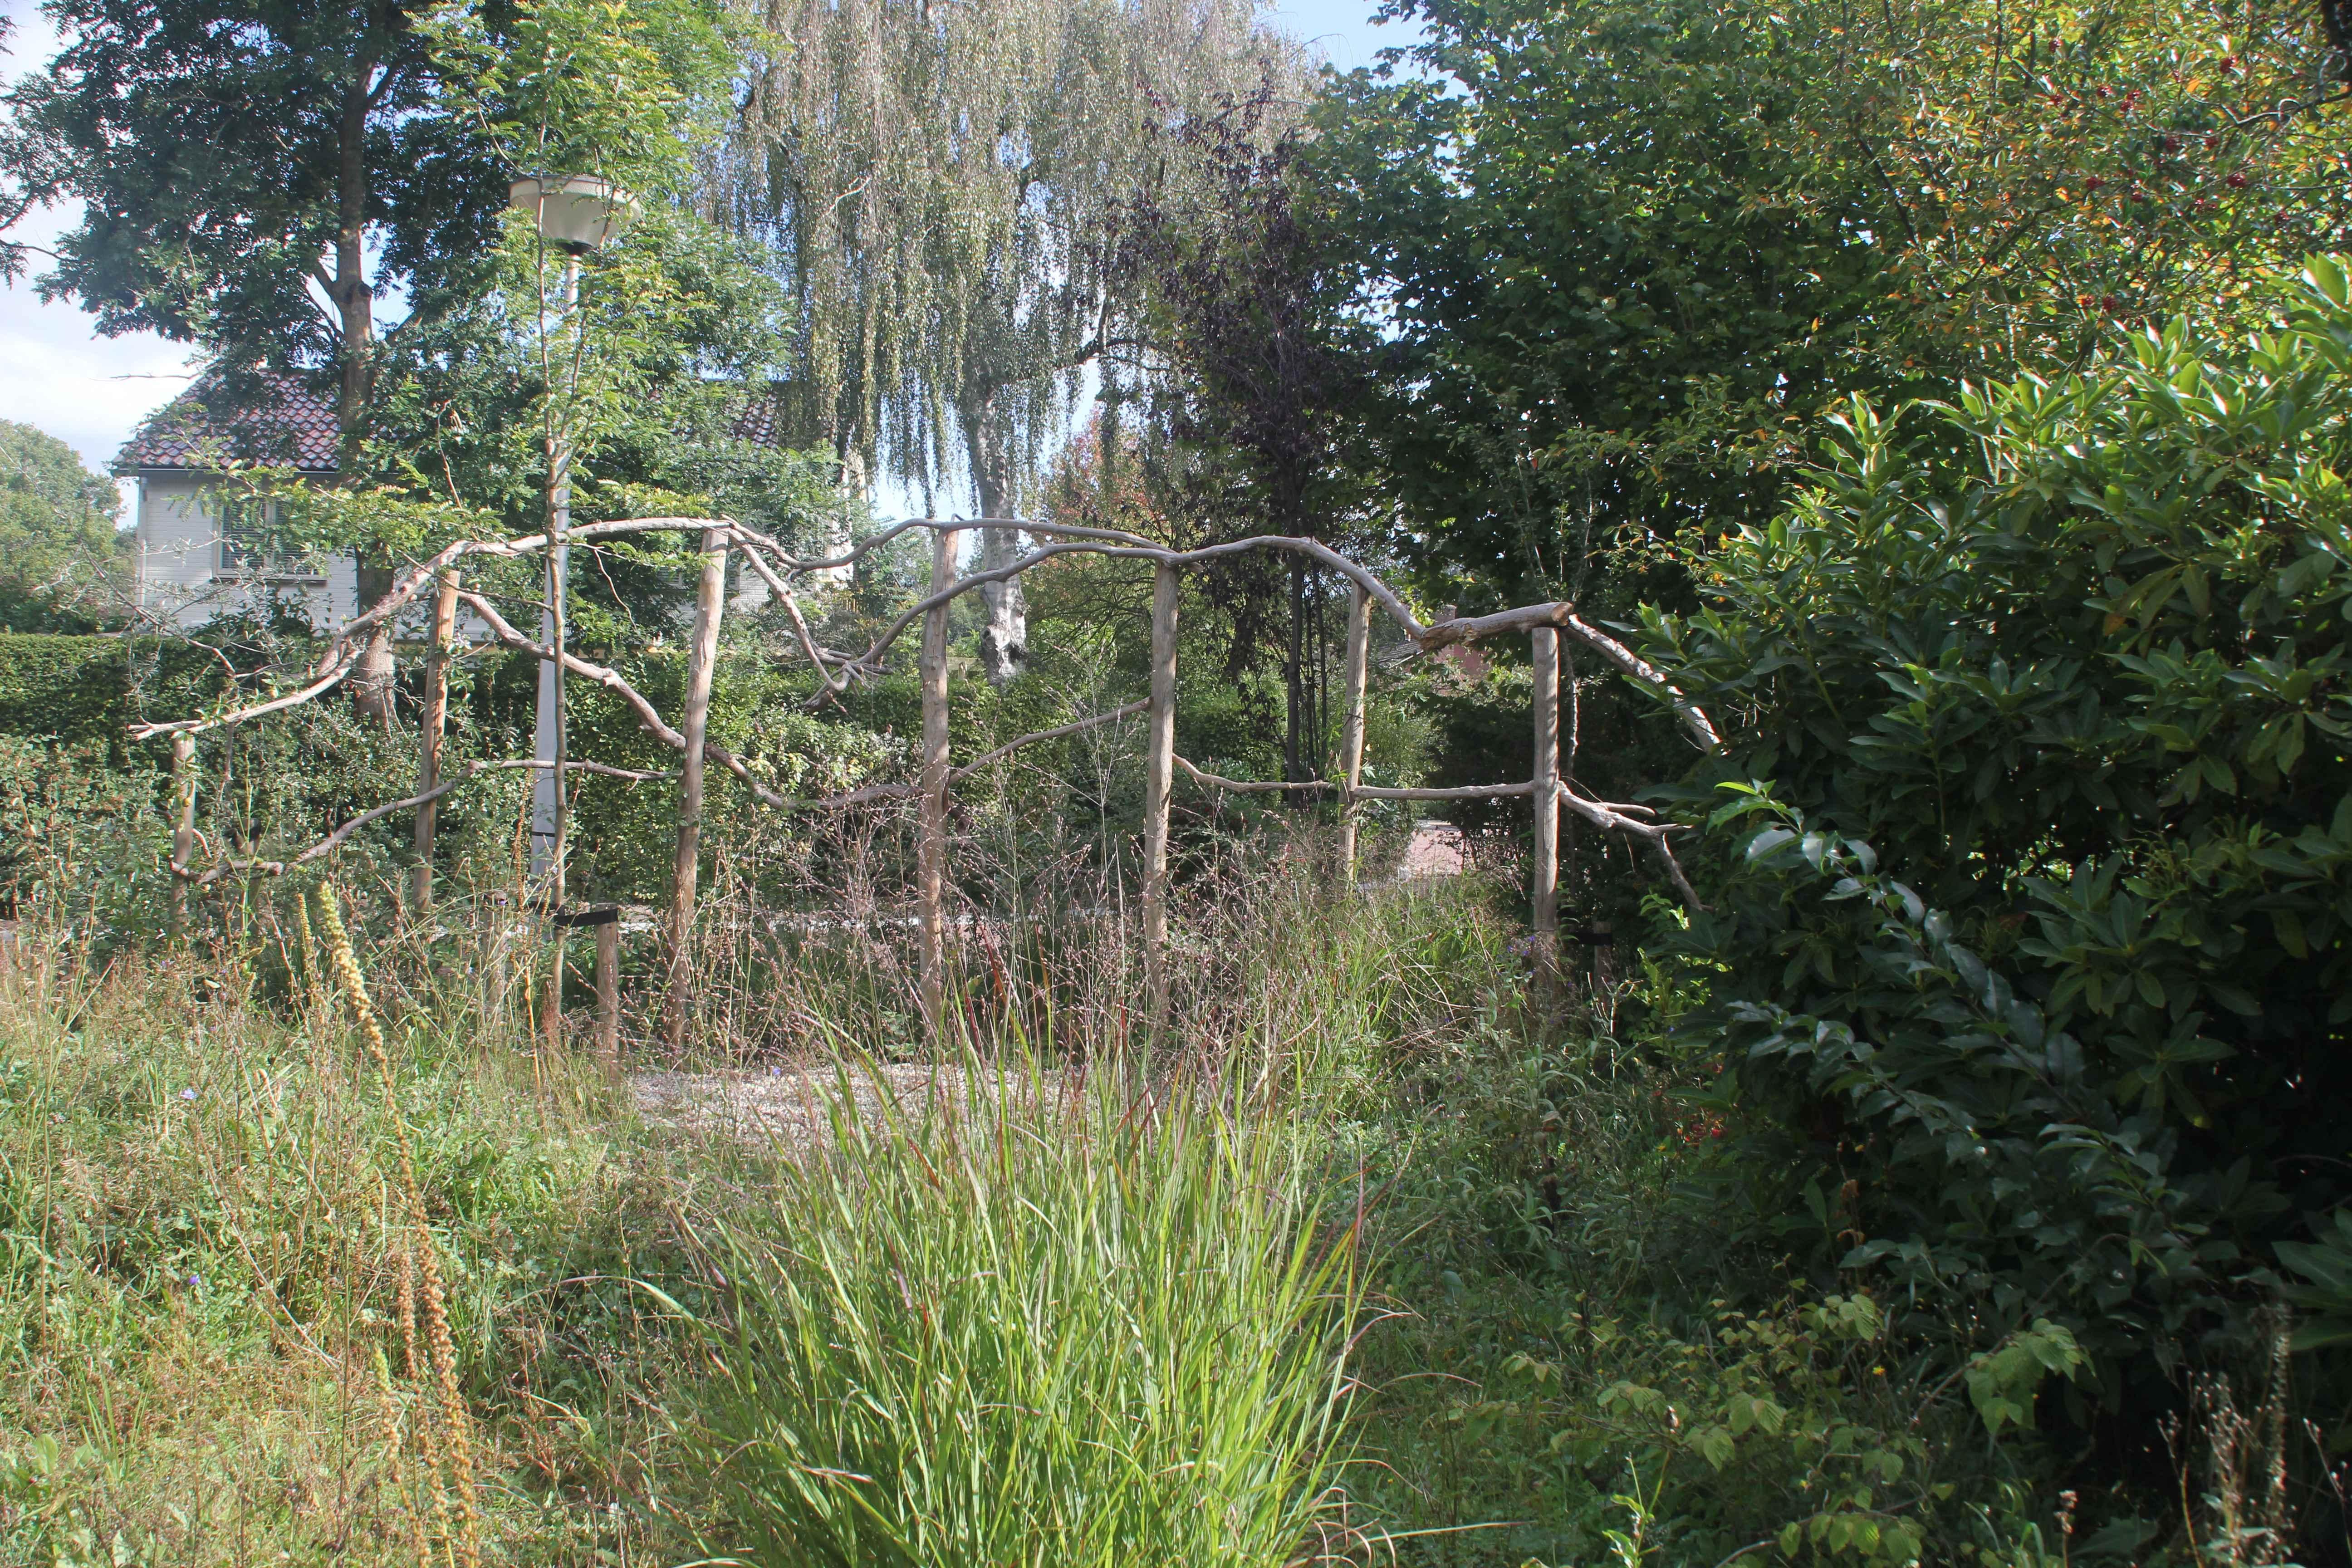 plantenklimwand-van-rhododendron-takken